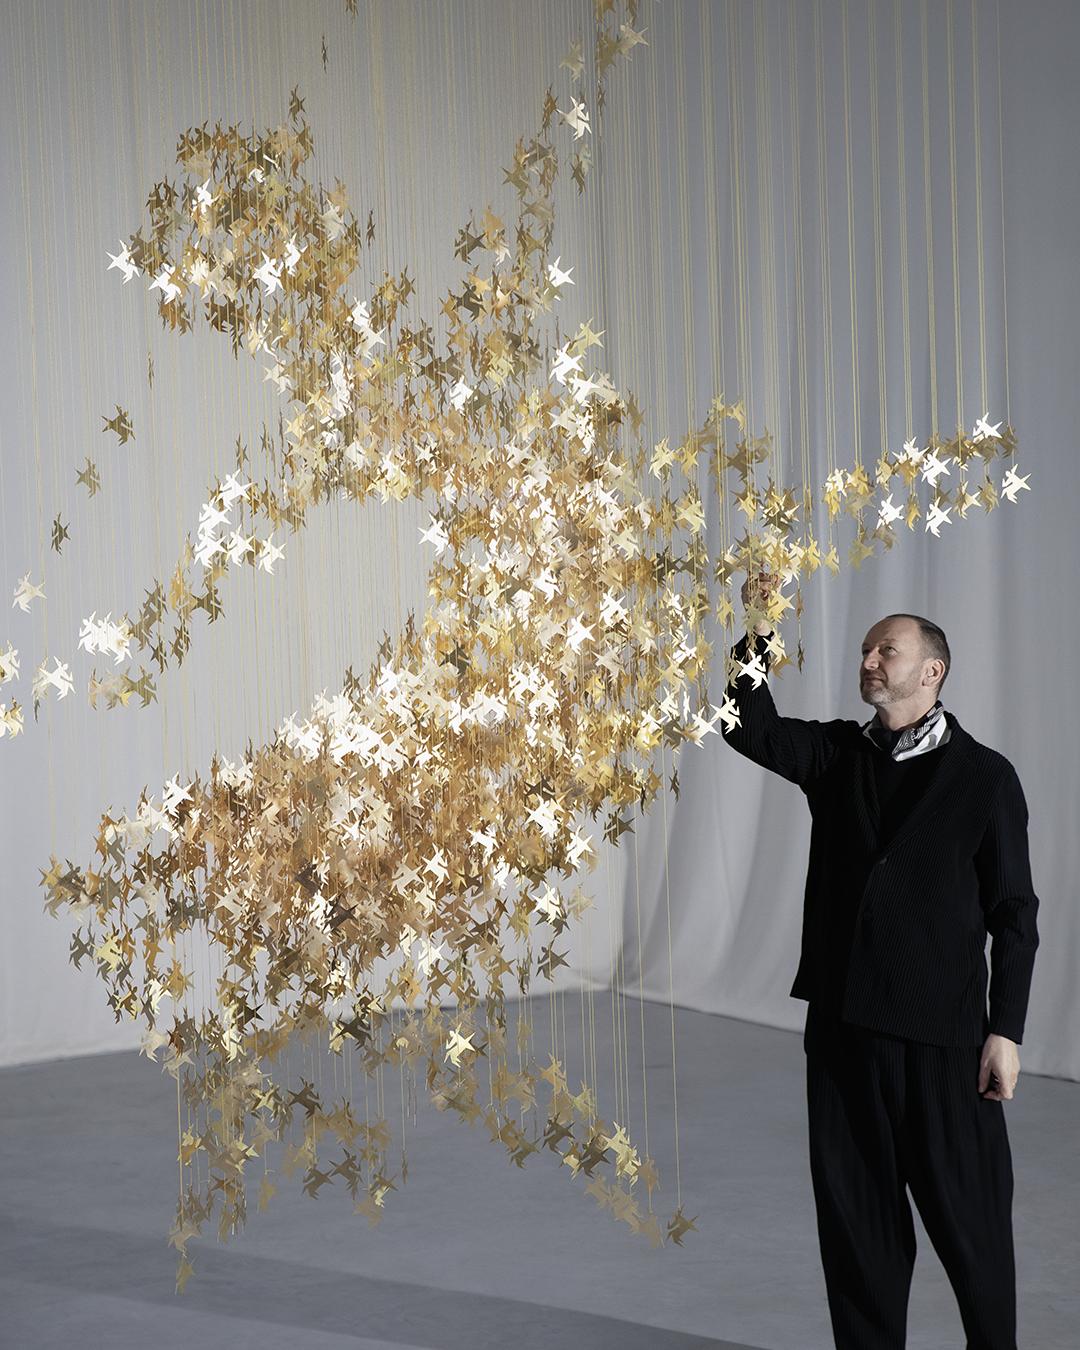 rémy martin gilded art sculpture the design museum